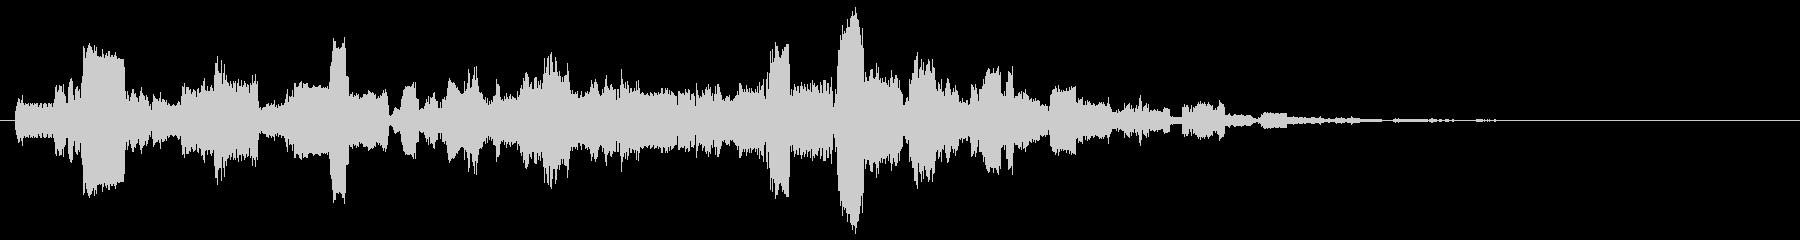 ピコーピコピコ(レトロなコンピューター)の未再生の波形